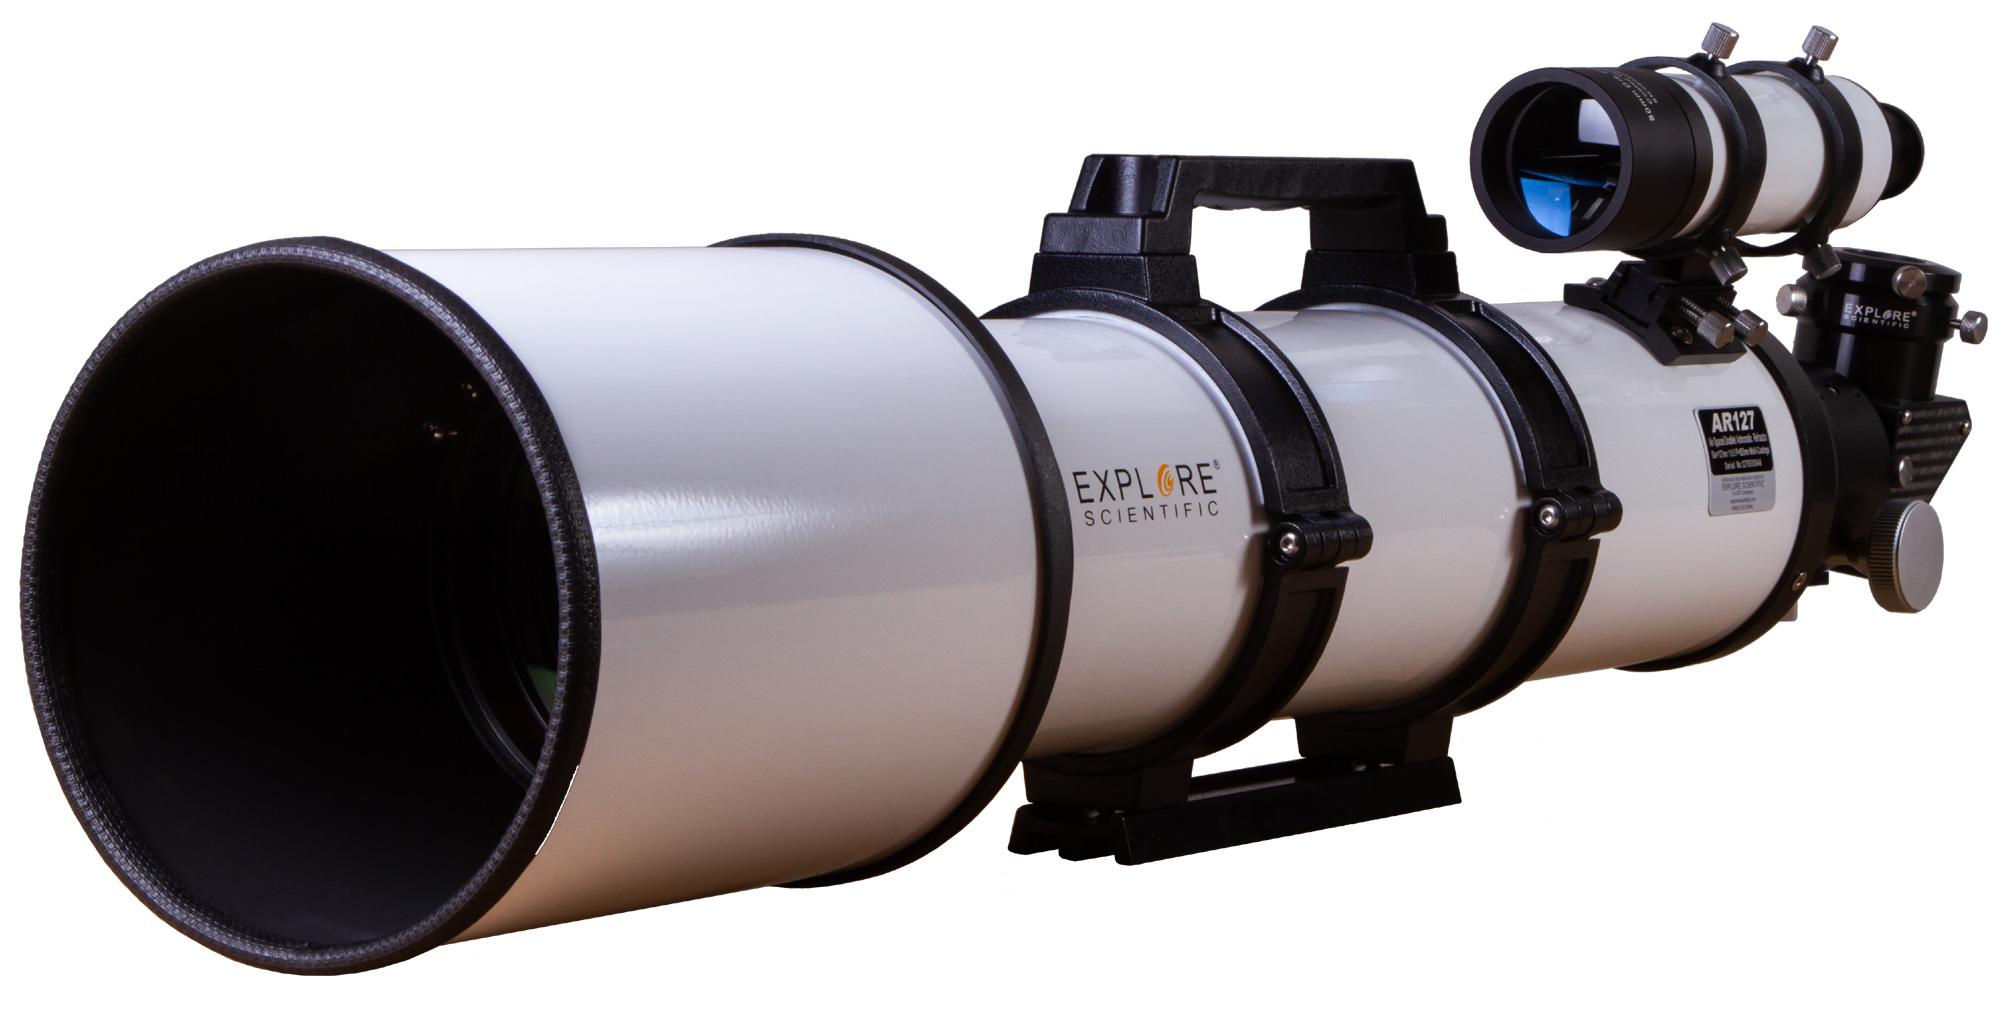 Труба оптическая Explore Scientific AR127 Air Spaced